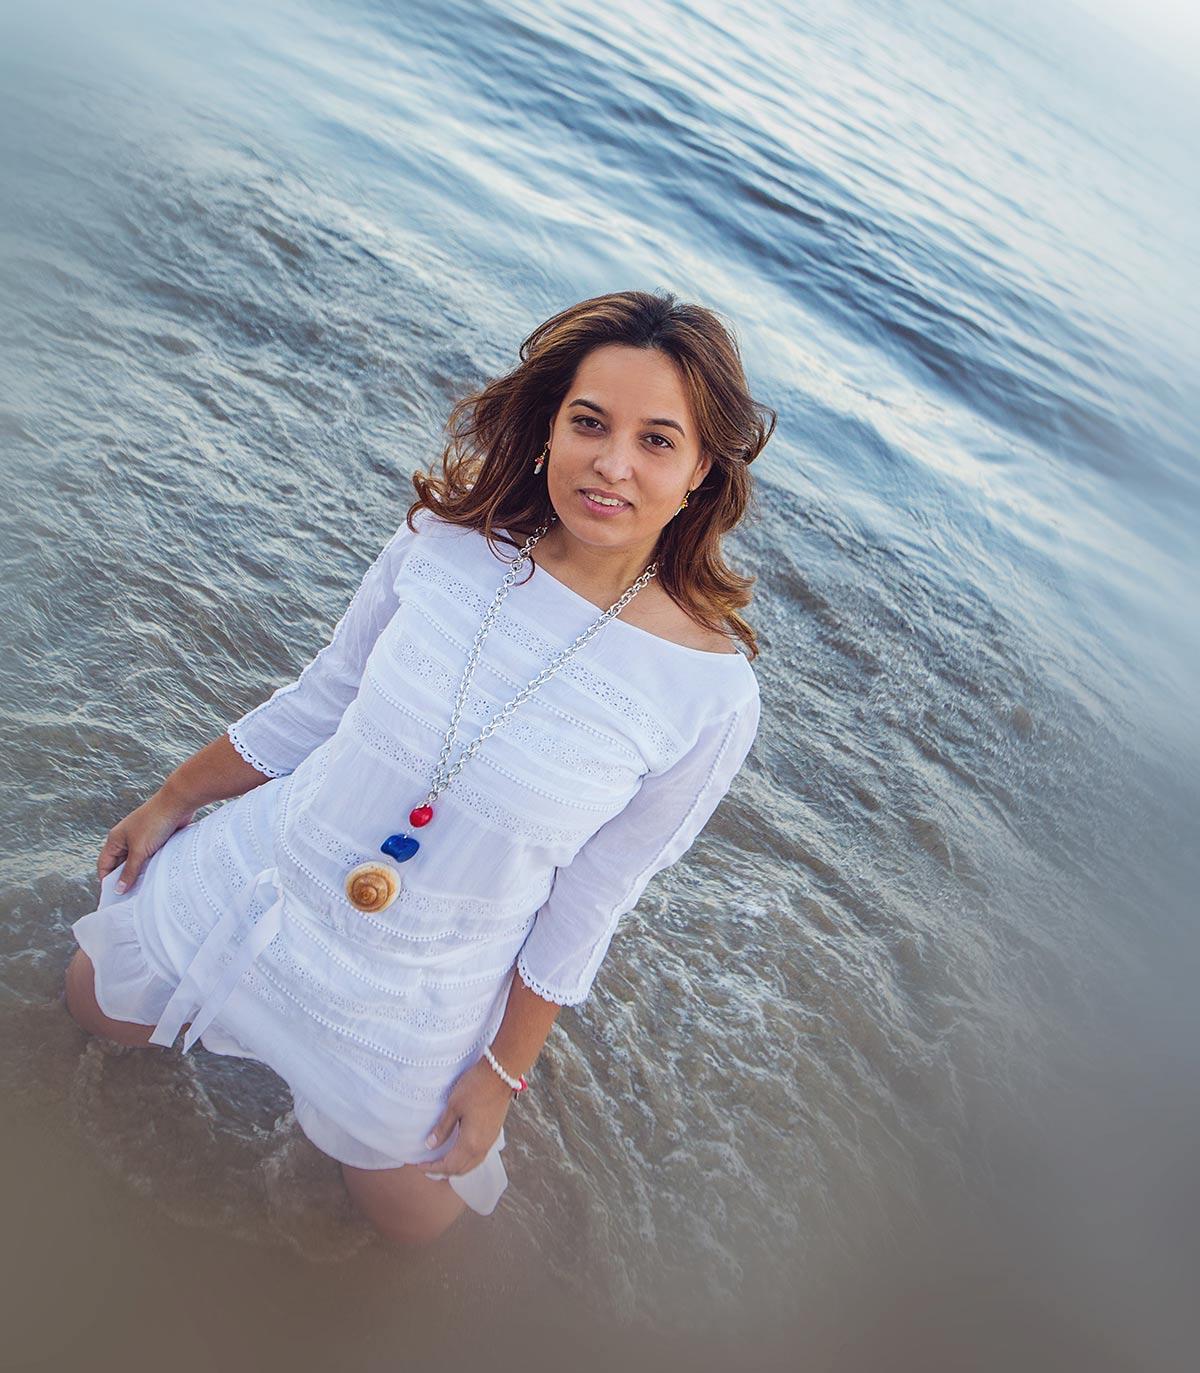 Collar Caracola, diponible para comprar online en la tienda de bisutería anabi.es